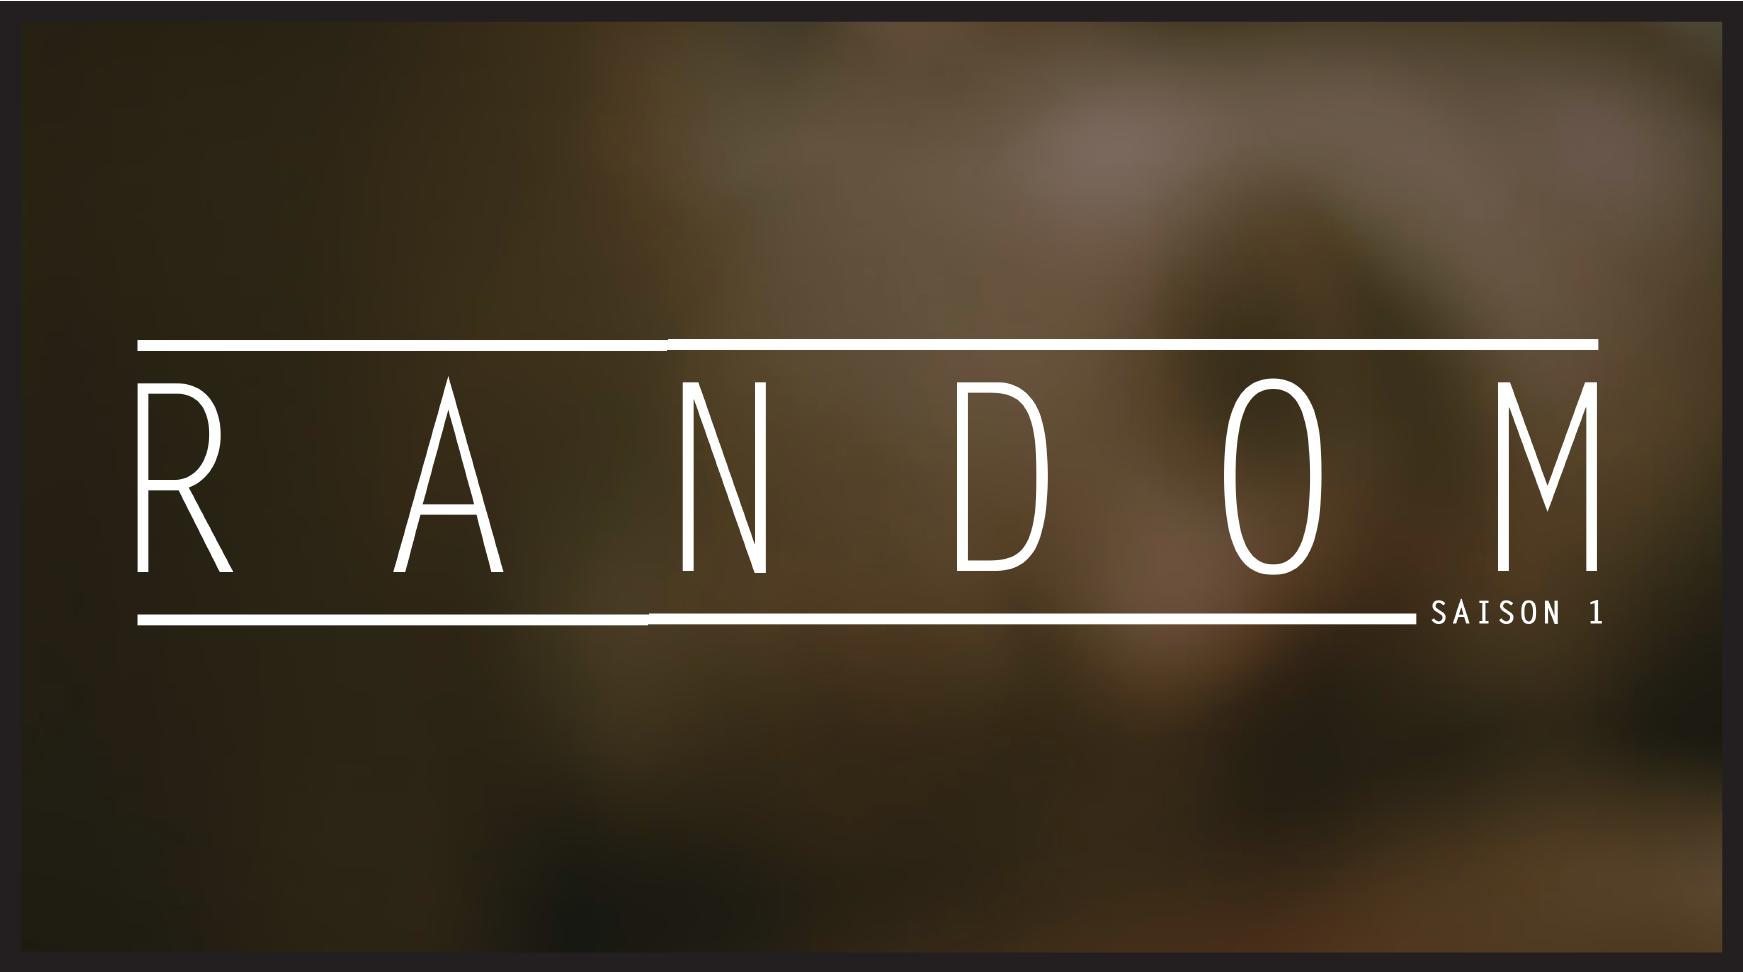 épisode 07, saison 01 - random